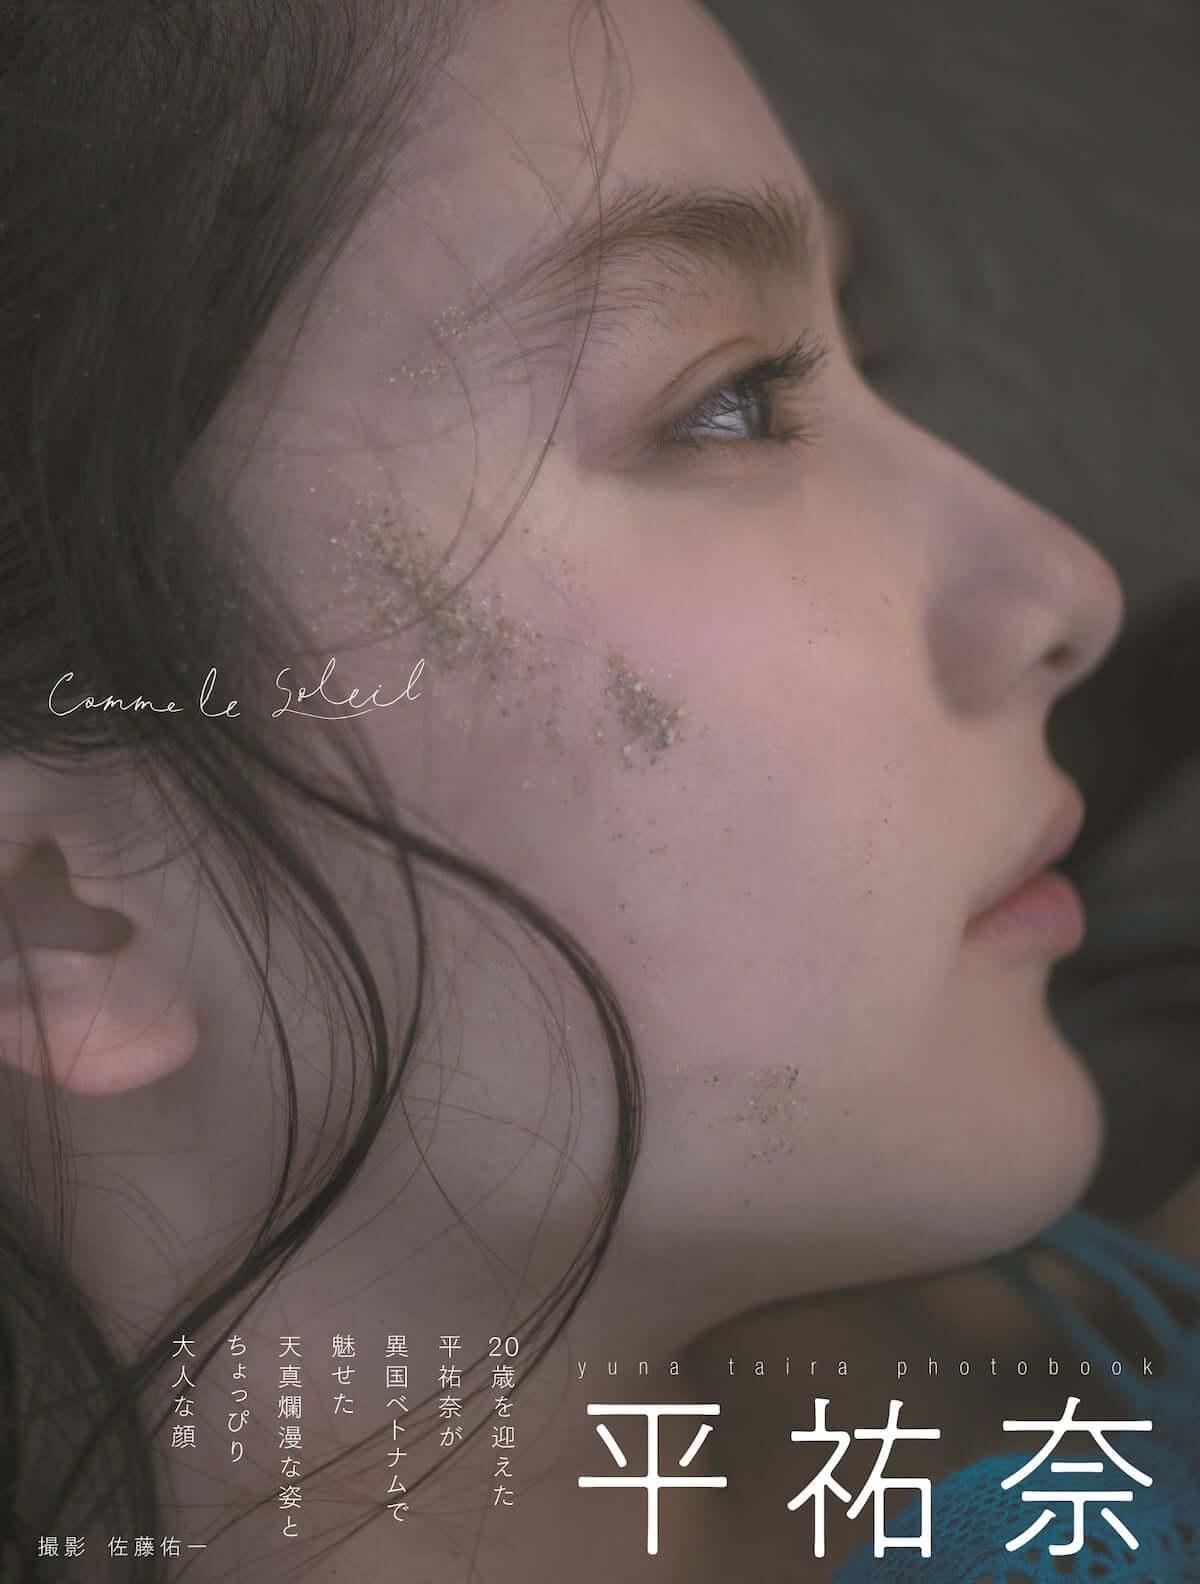 平祐奈、大人の美しさ際立つ写真集表紙が公開! art181105_yunataira_01-1200x1584